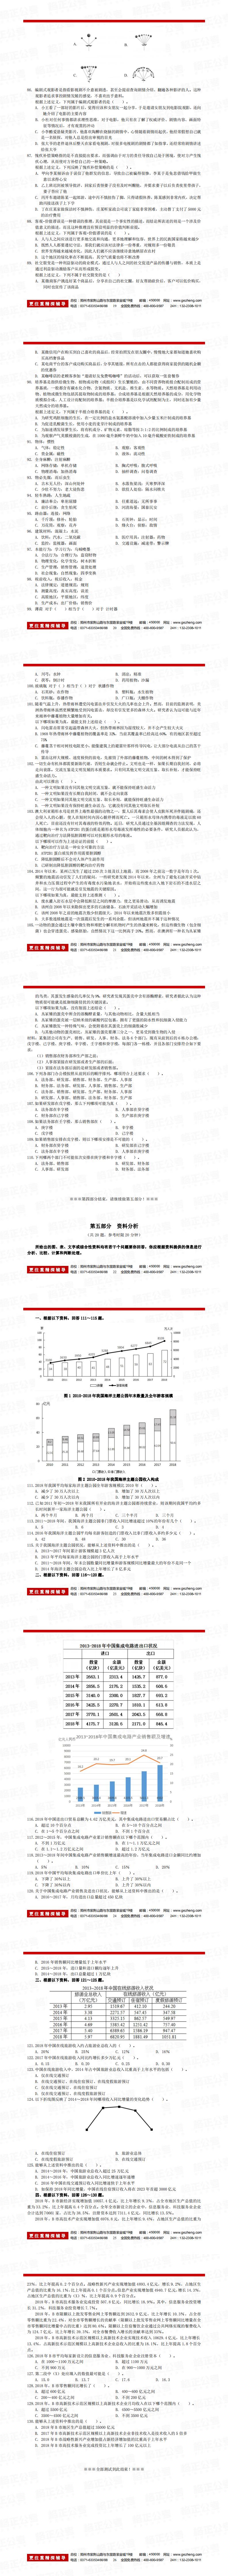 2020年国考地市行测真题 汇总_1.png